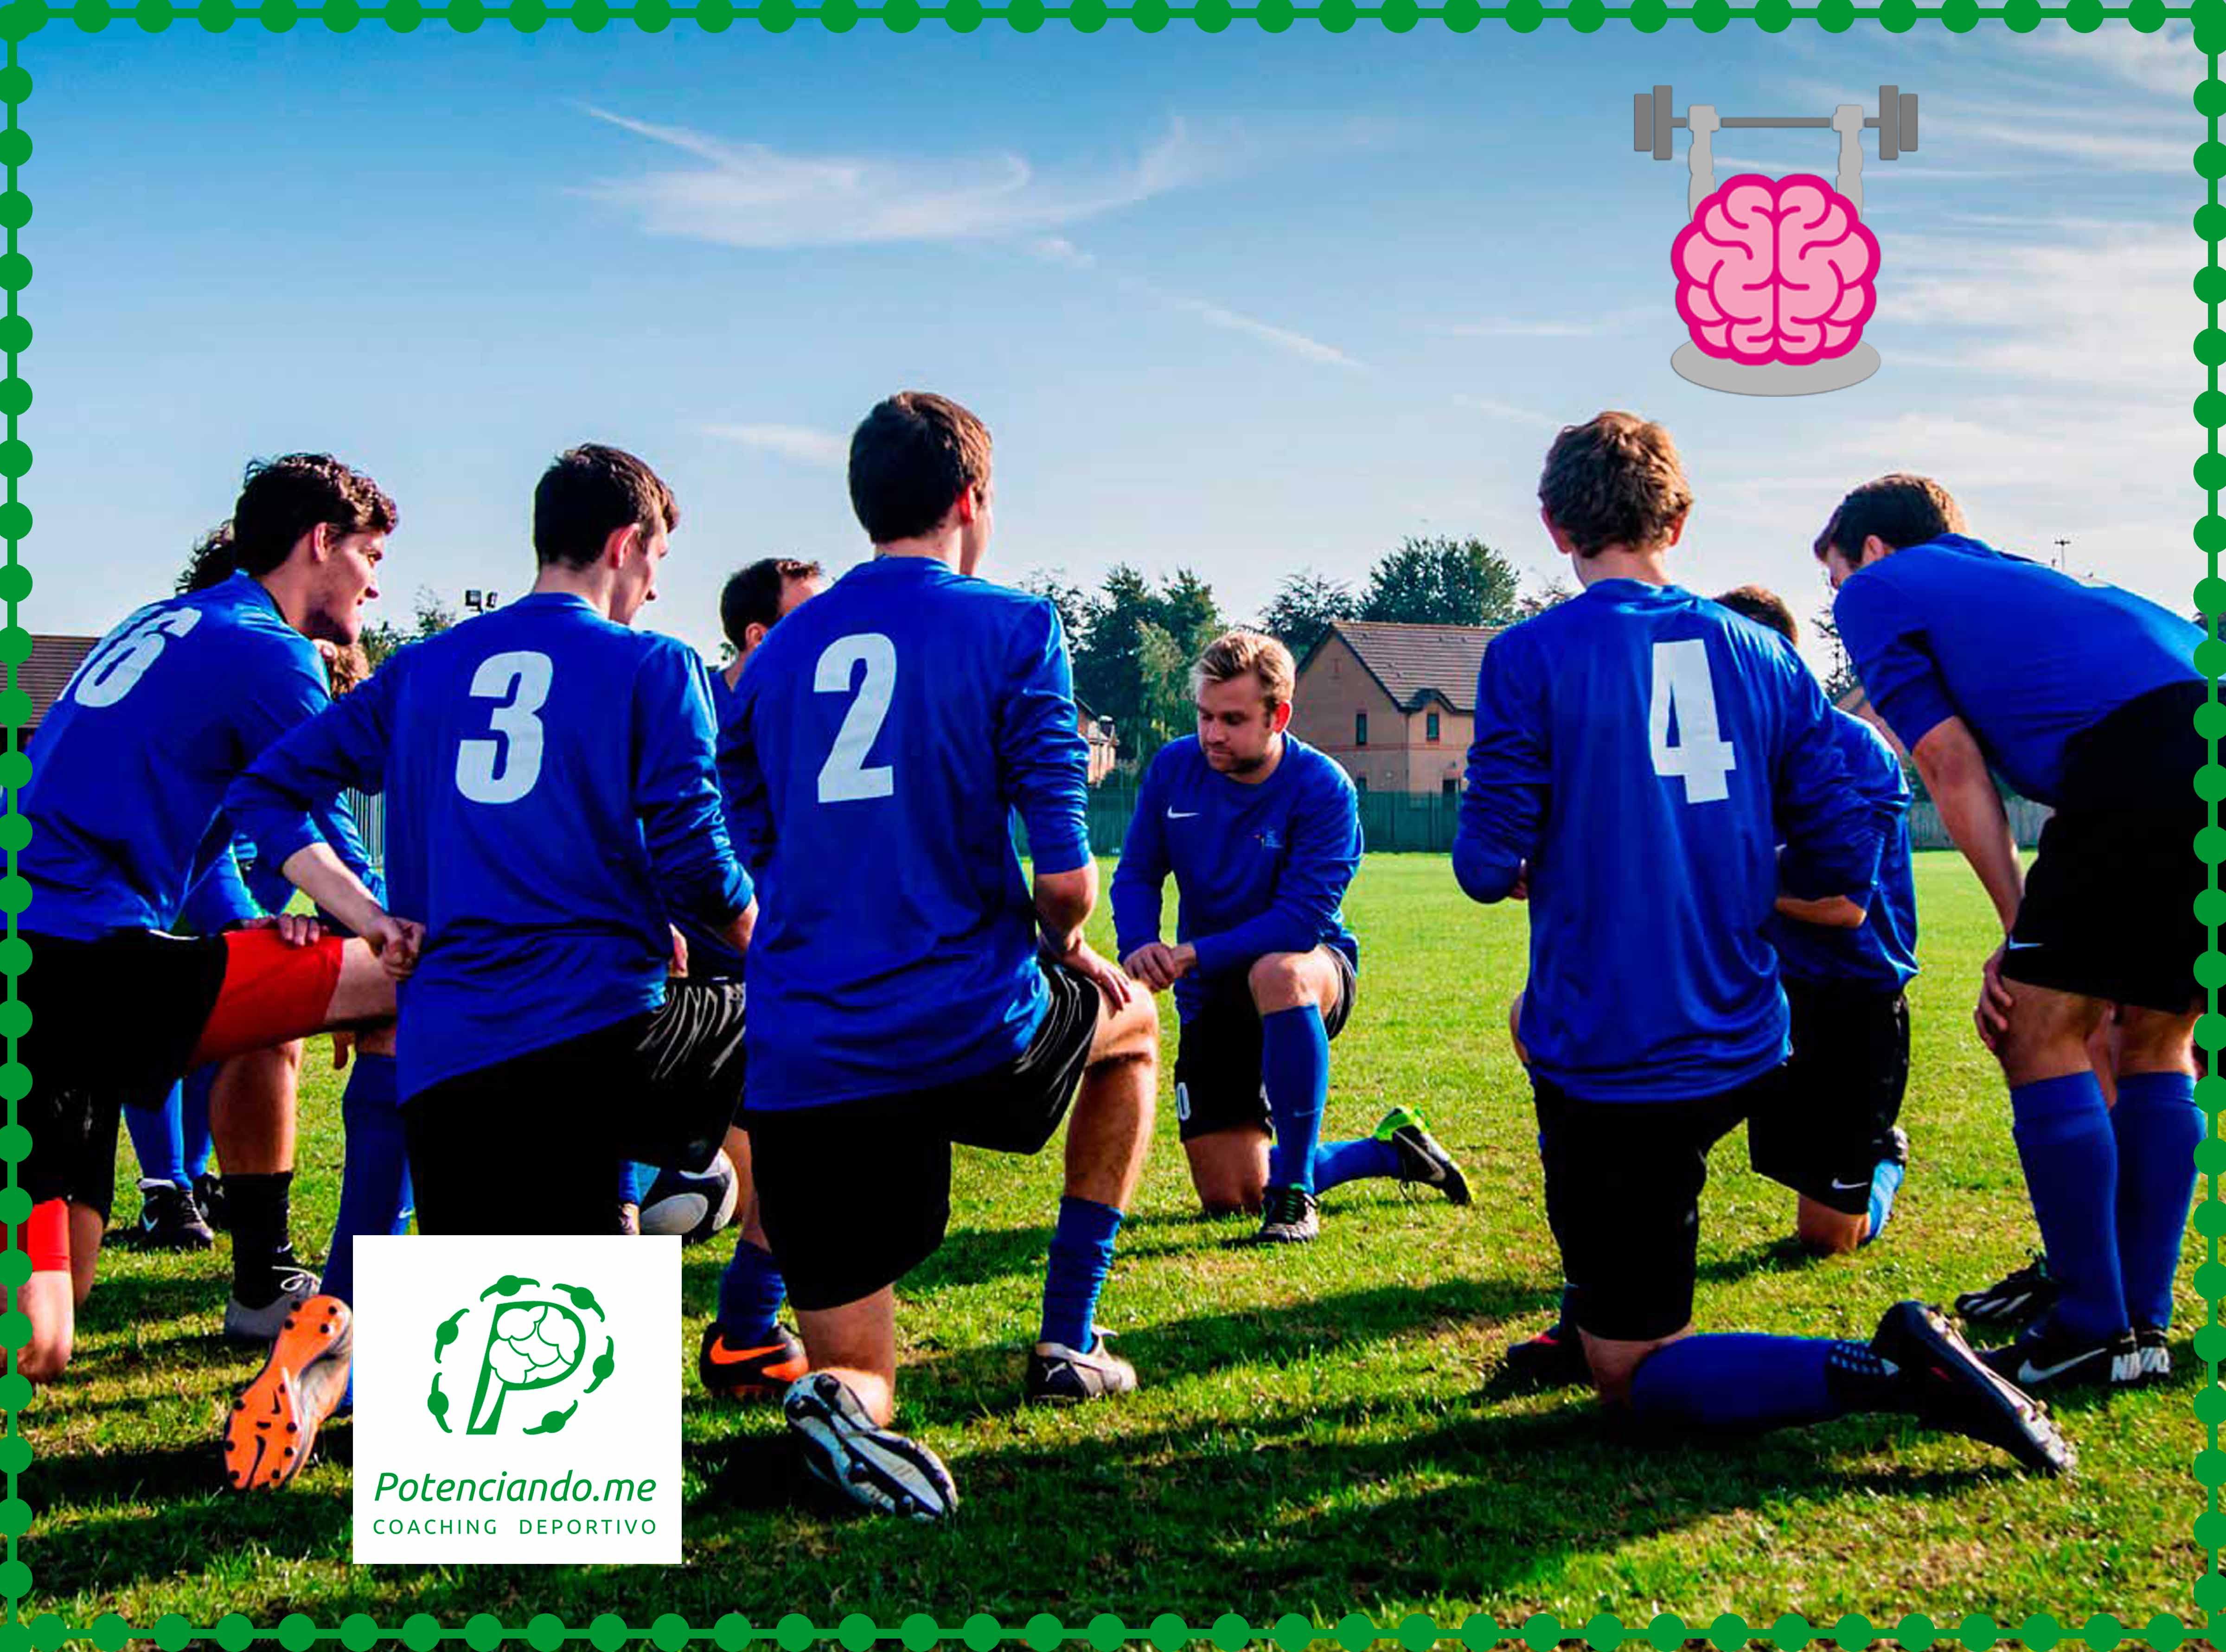 coaching deportivo en equipos